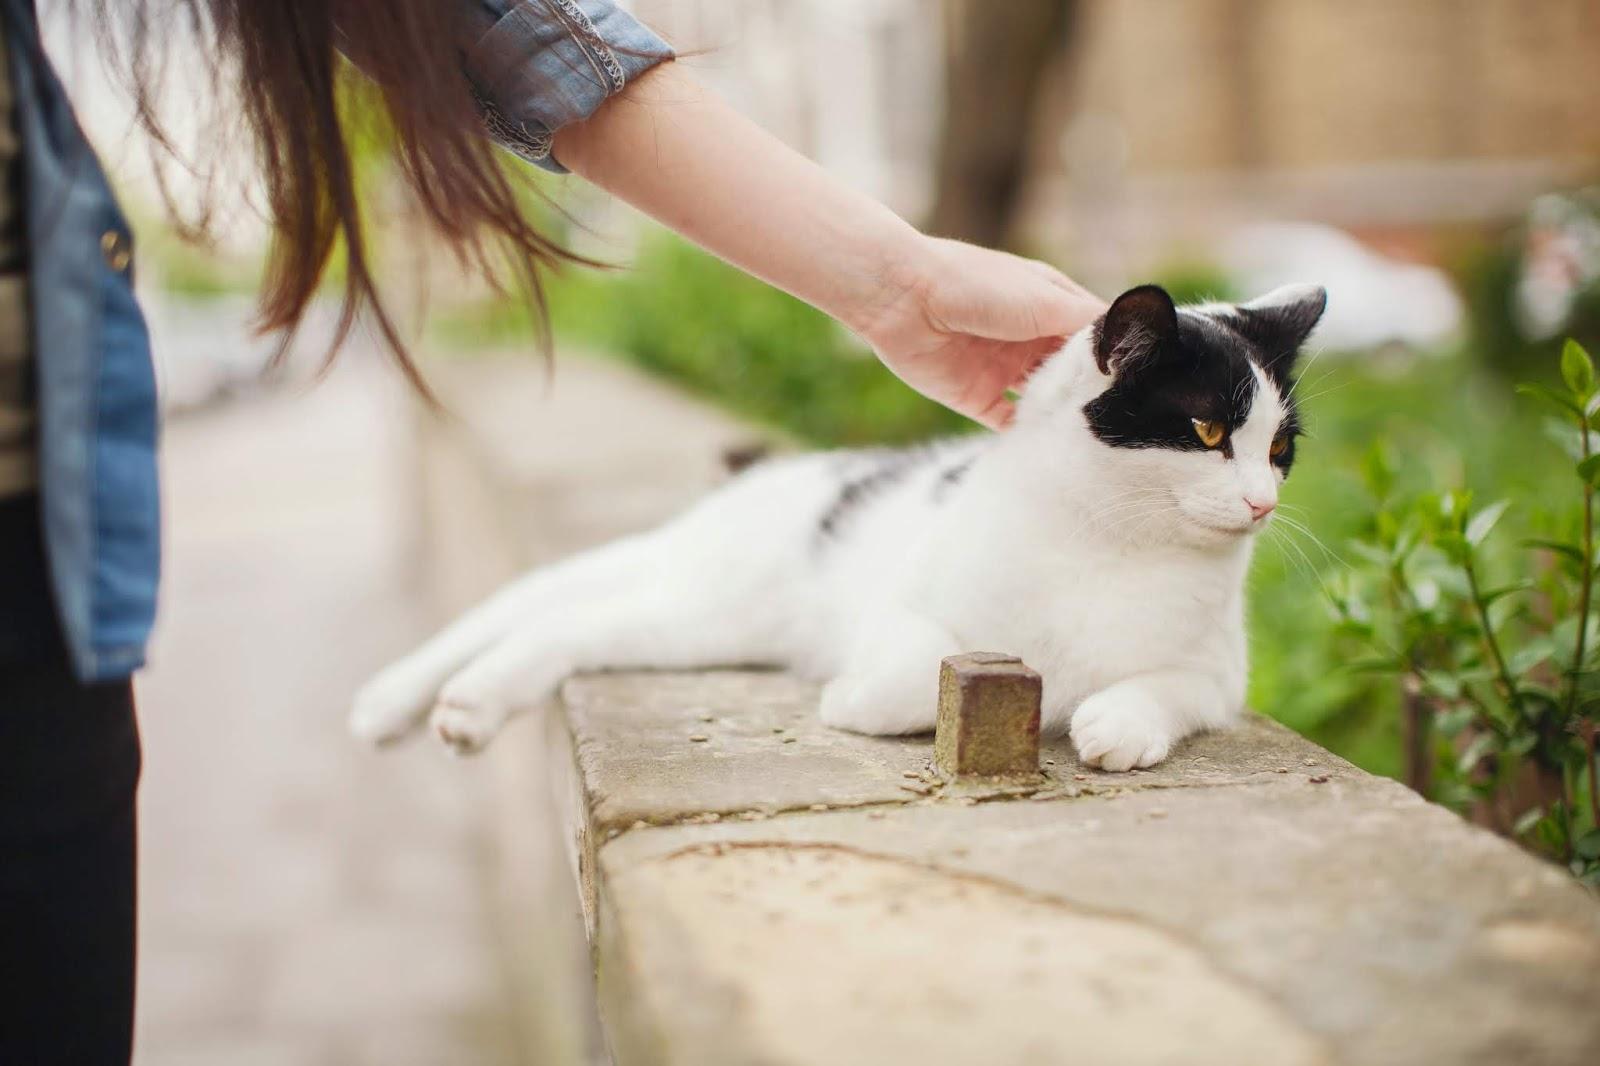 Cat Anime Girl